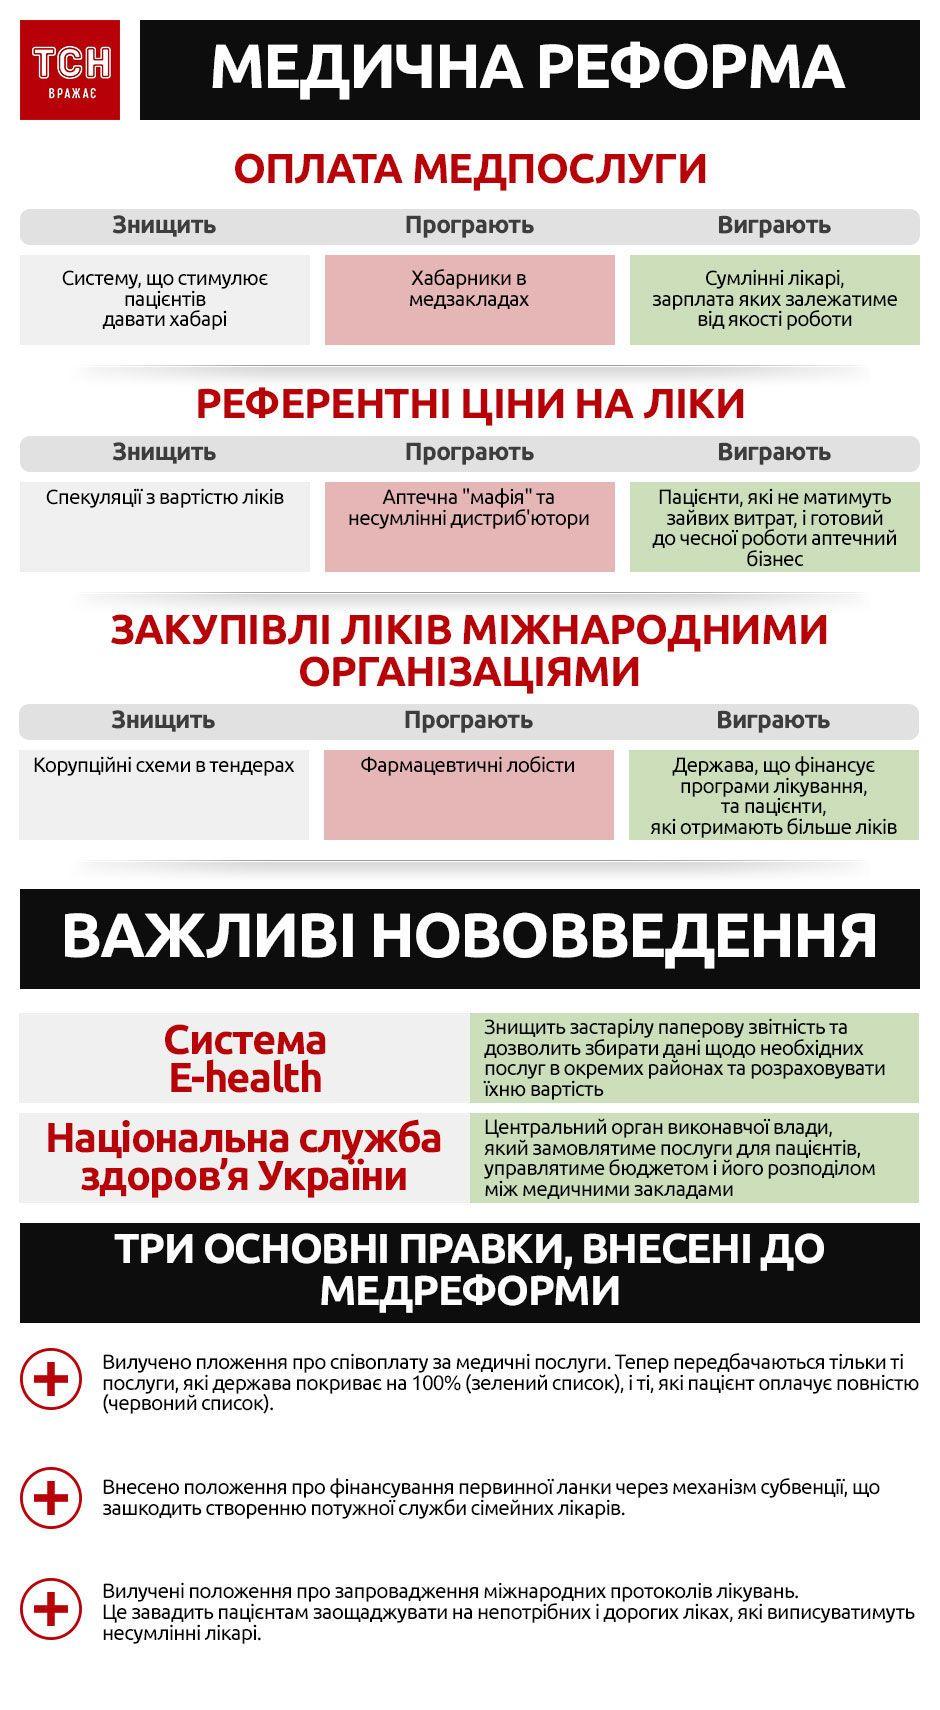 Медреформа, інфографіка